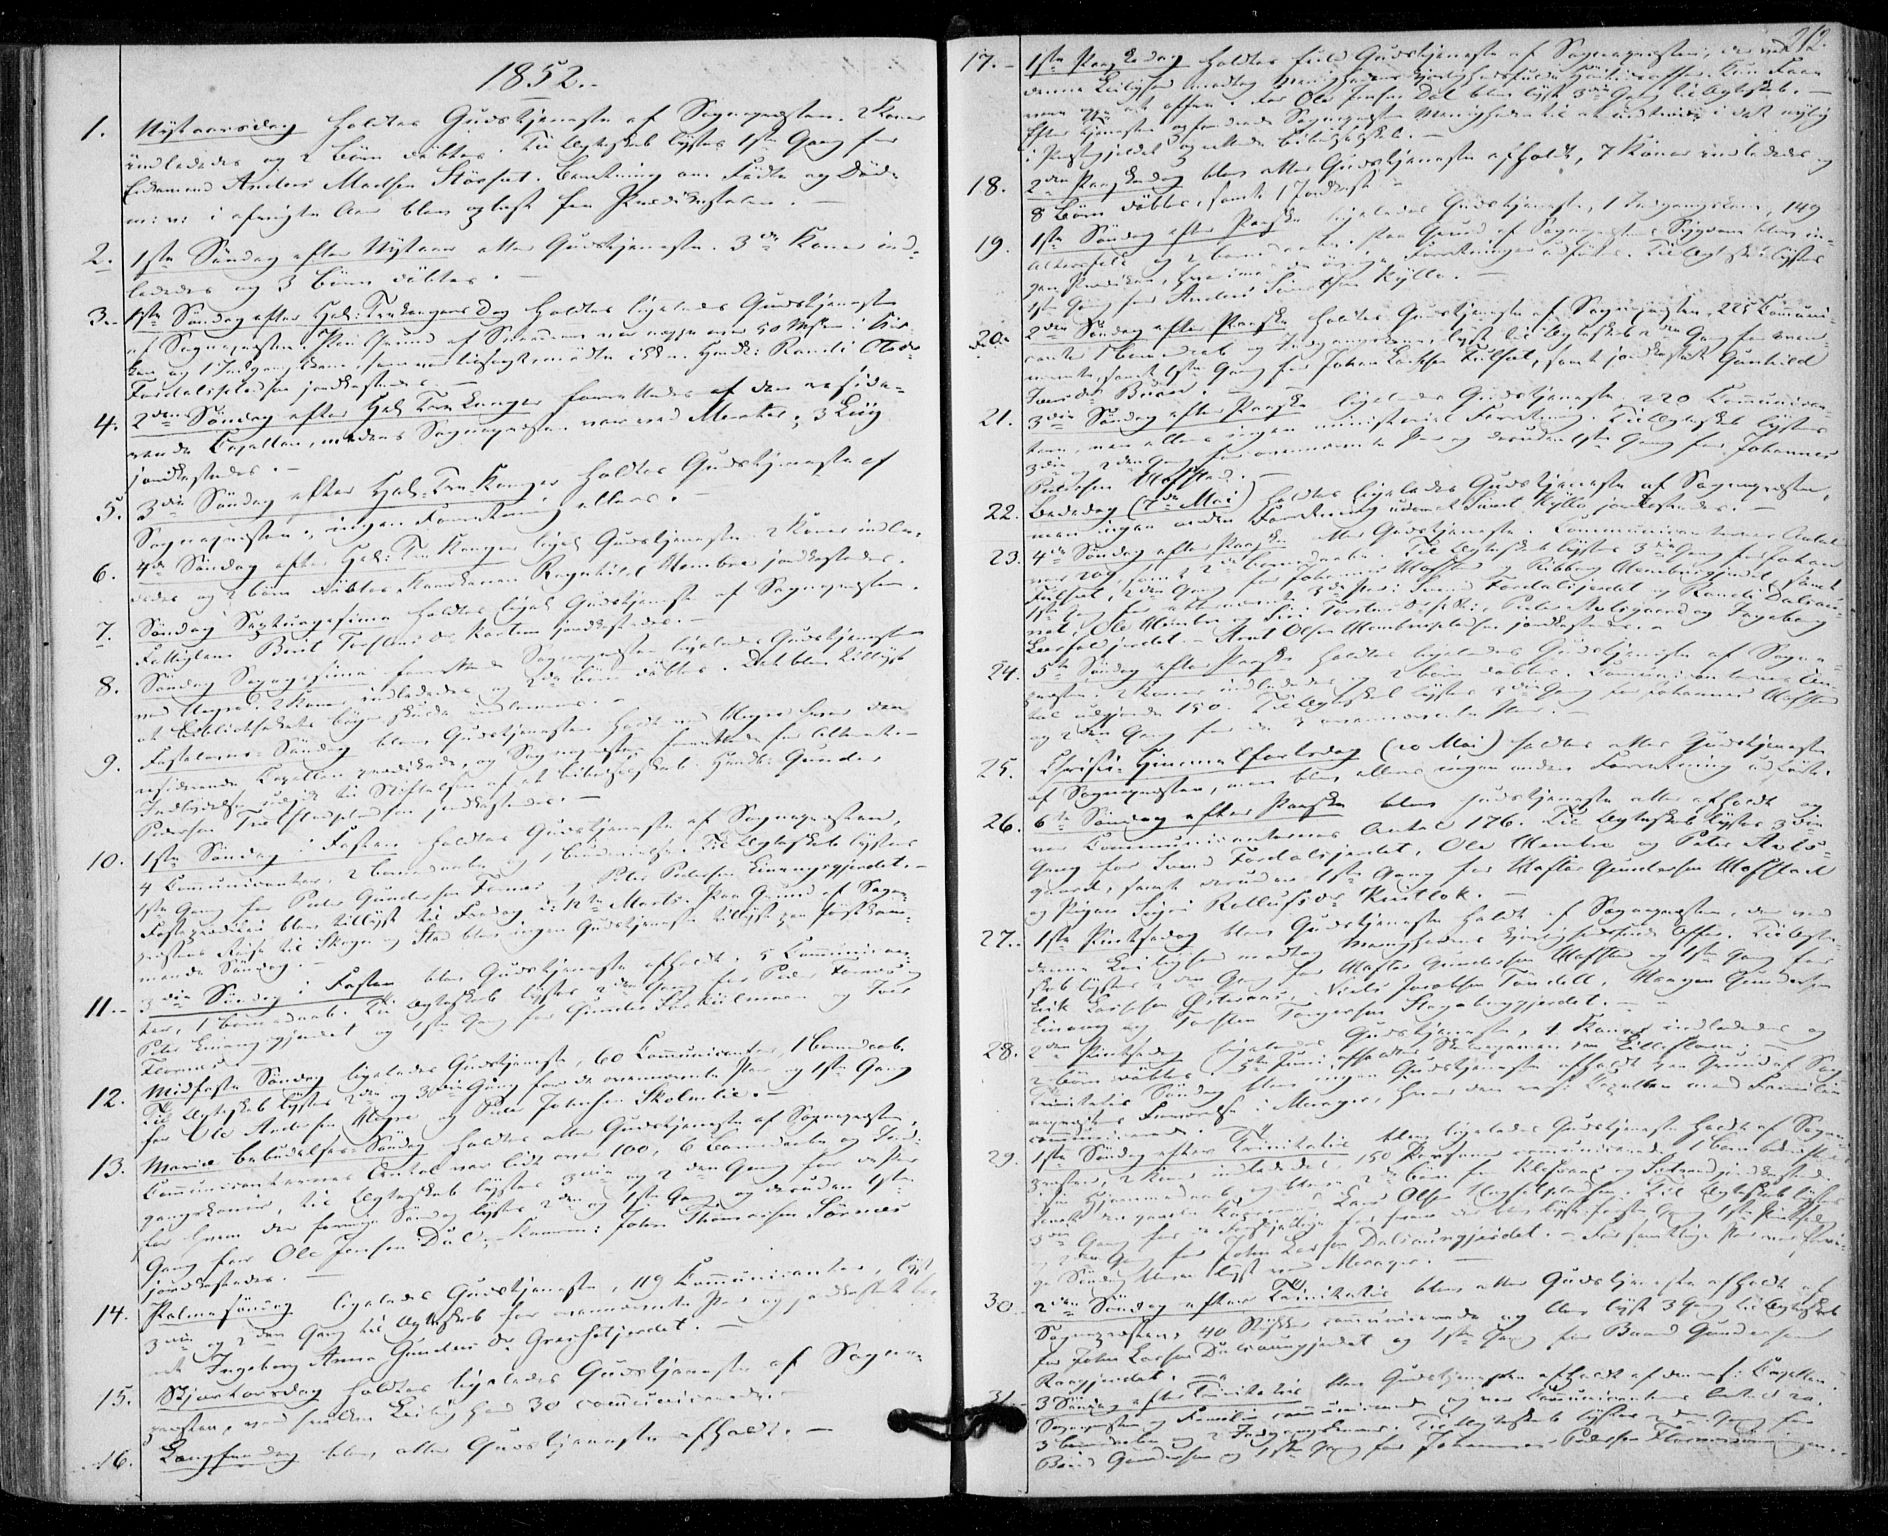 SAT, Ministerialprotokoller, klokkerbøker og fødselsregistre - Nord-Trøndelag, 703/L0028: Ministerialbok nr. 703A01, 1850-1862, s. 212